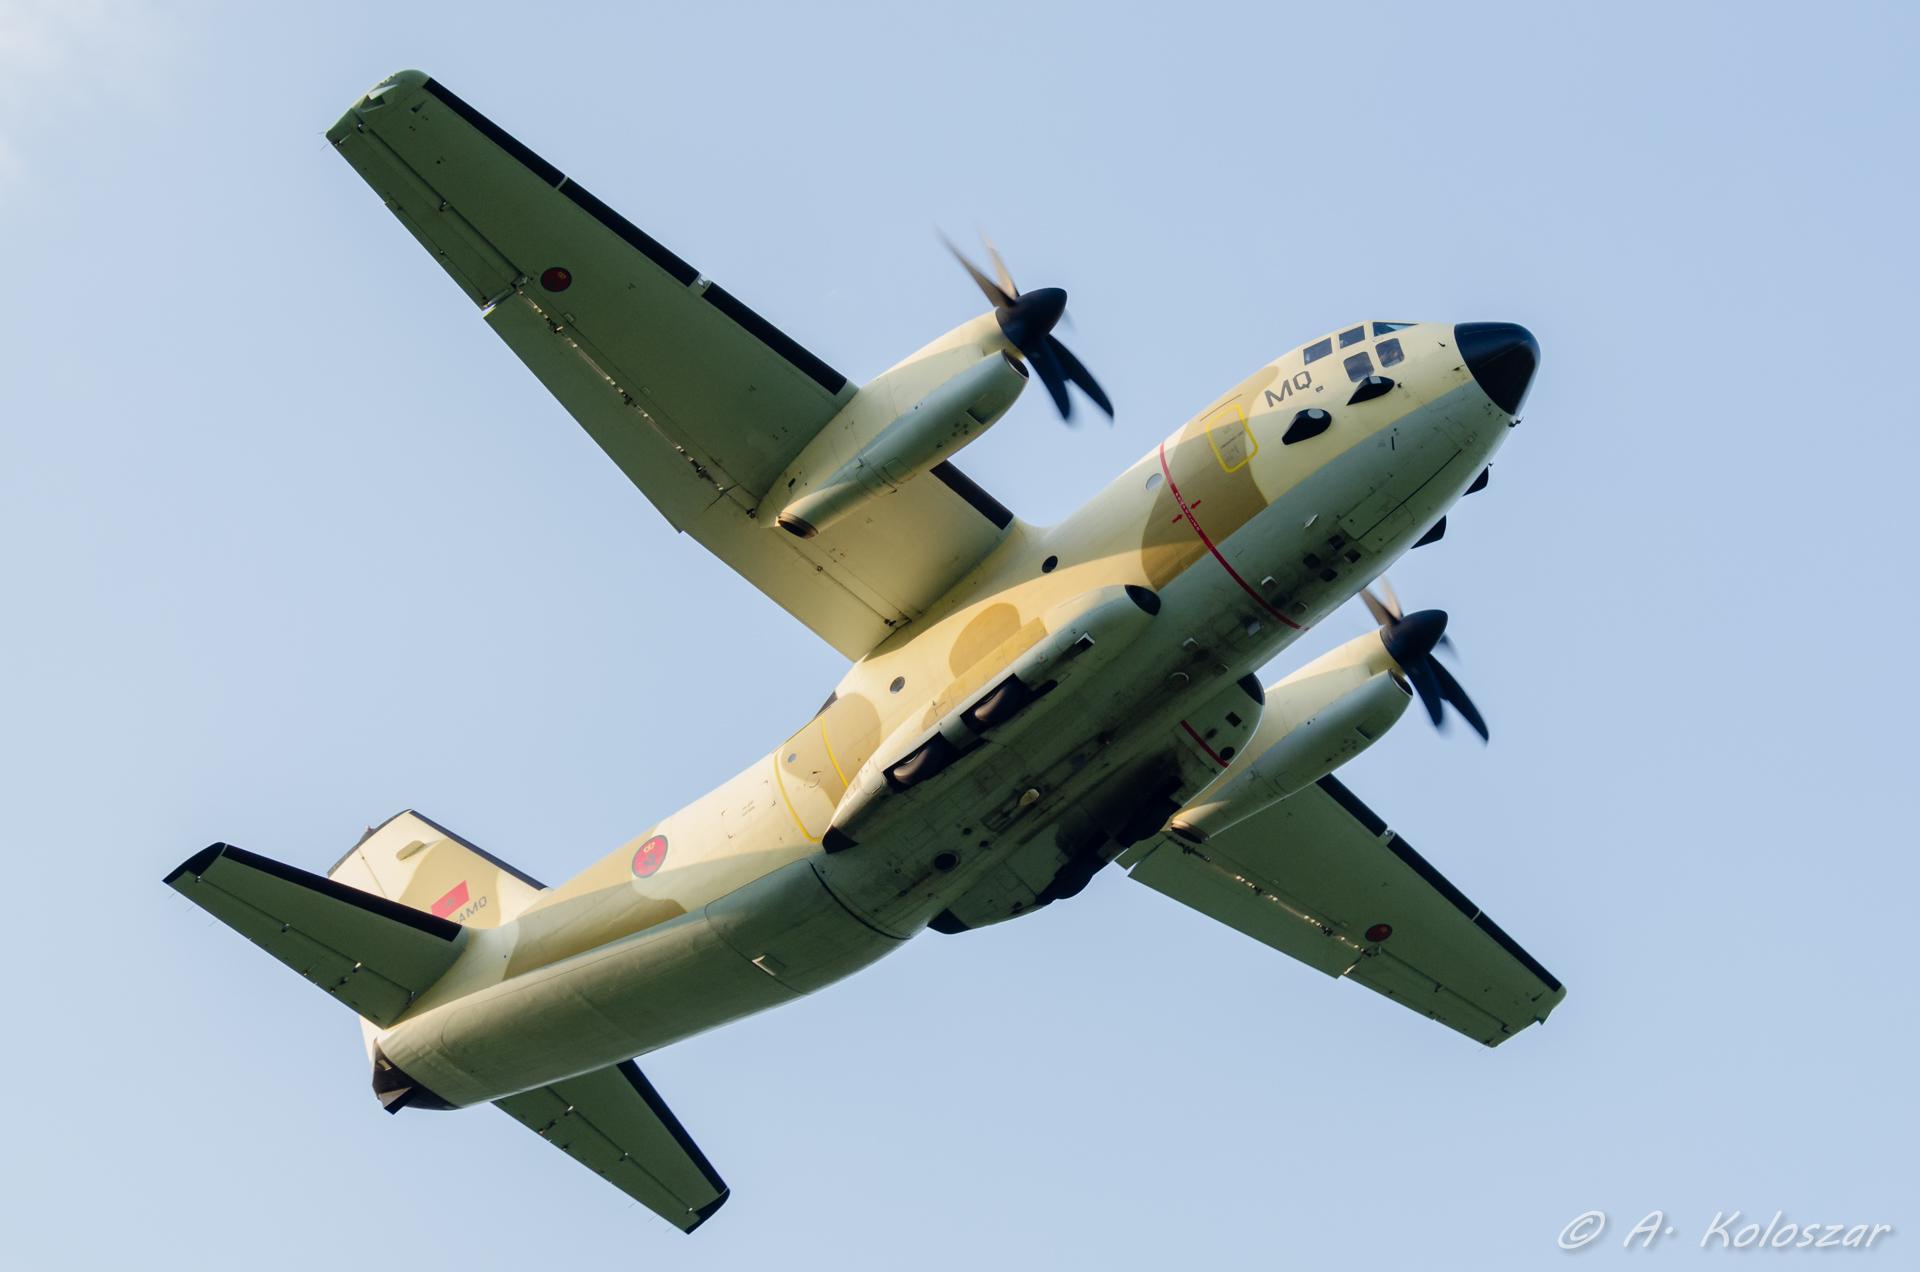 طائرات النقل العاملة بالقوات المسلحة المغربية - صفحة 2 14510003860_1fb6fe566e_o